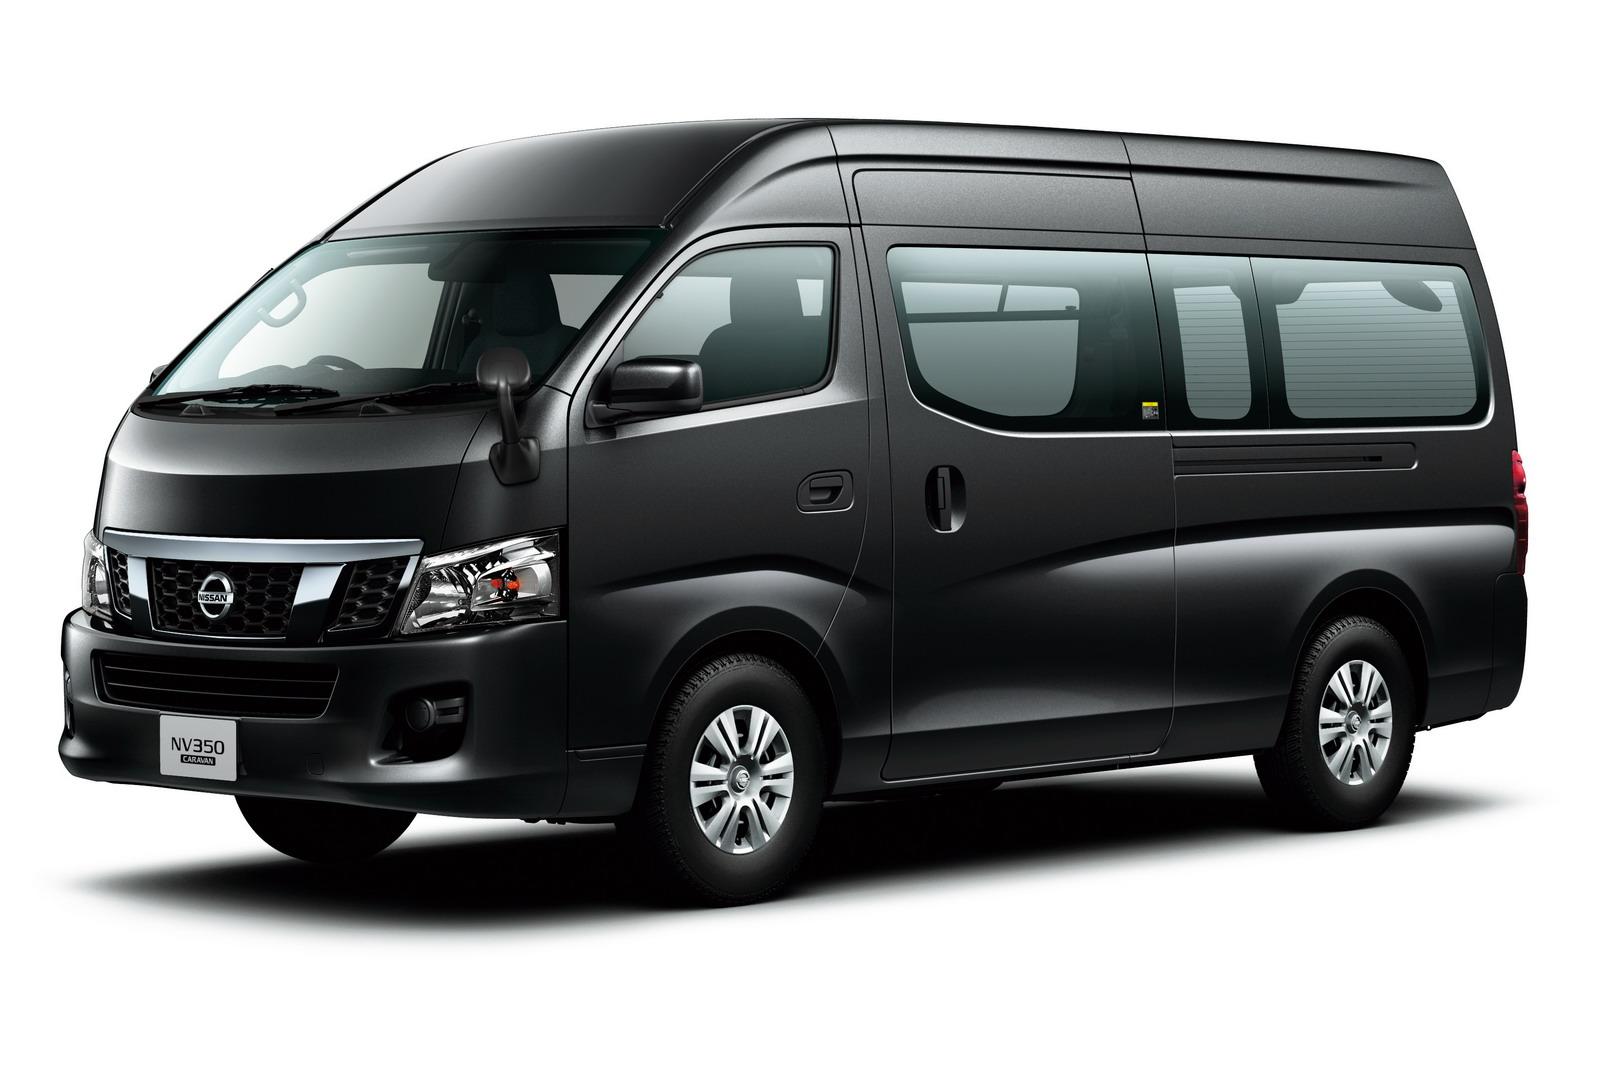 Nissan NV350 Caravan | AUTO REVIEW